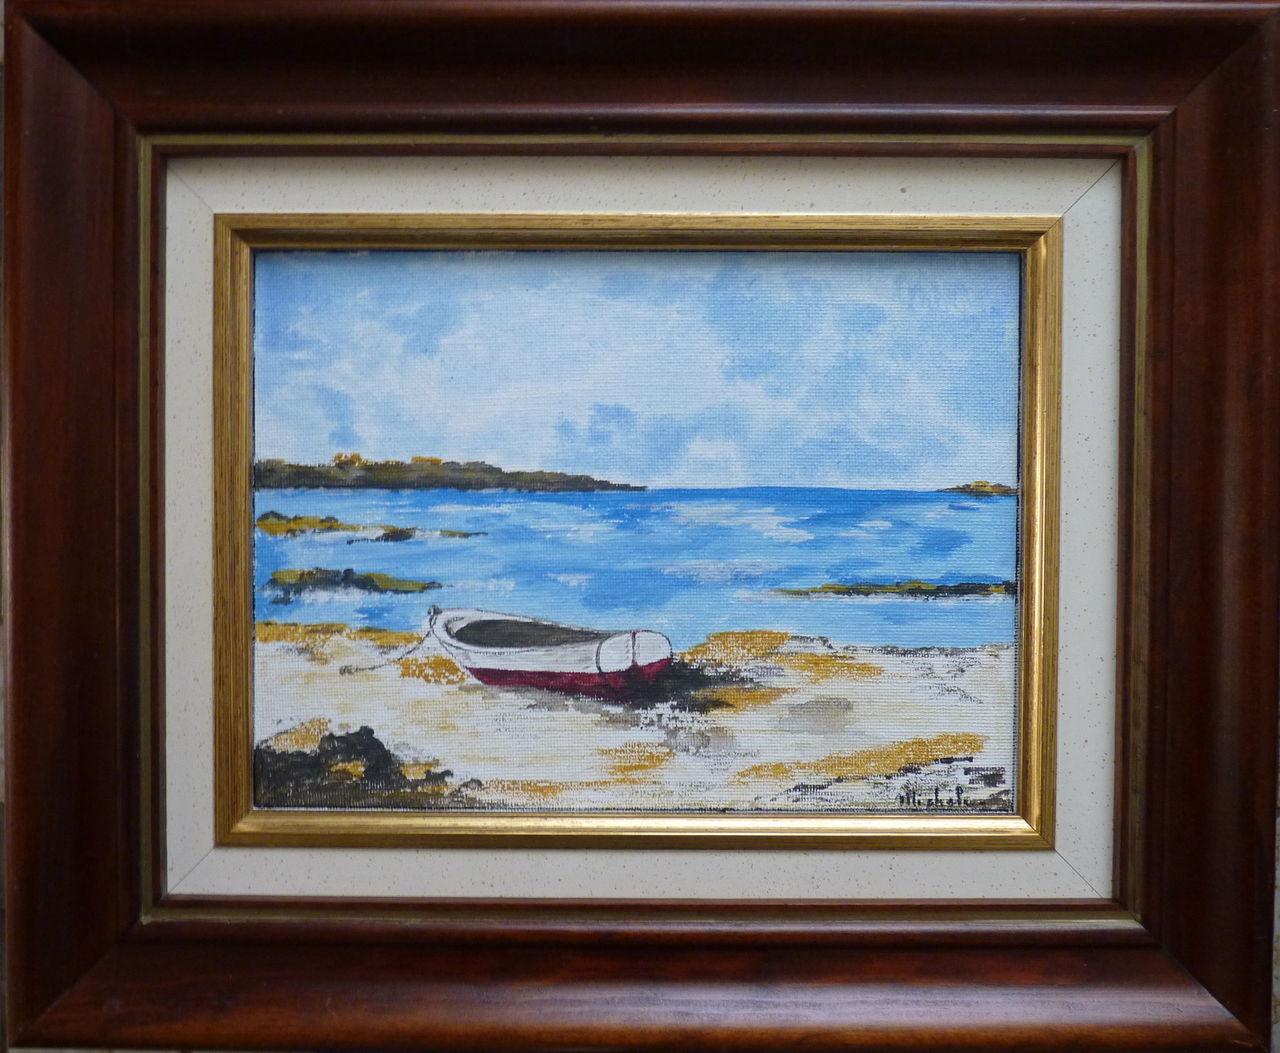 Michele martin Une barque sur le sable.